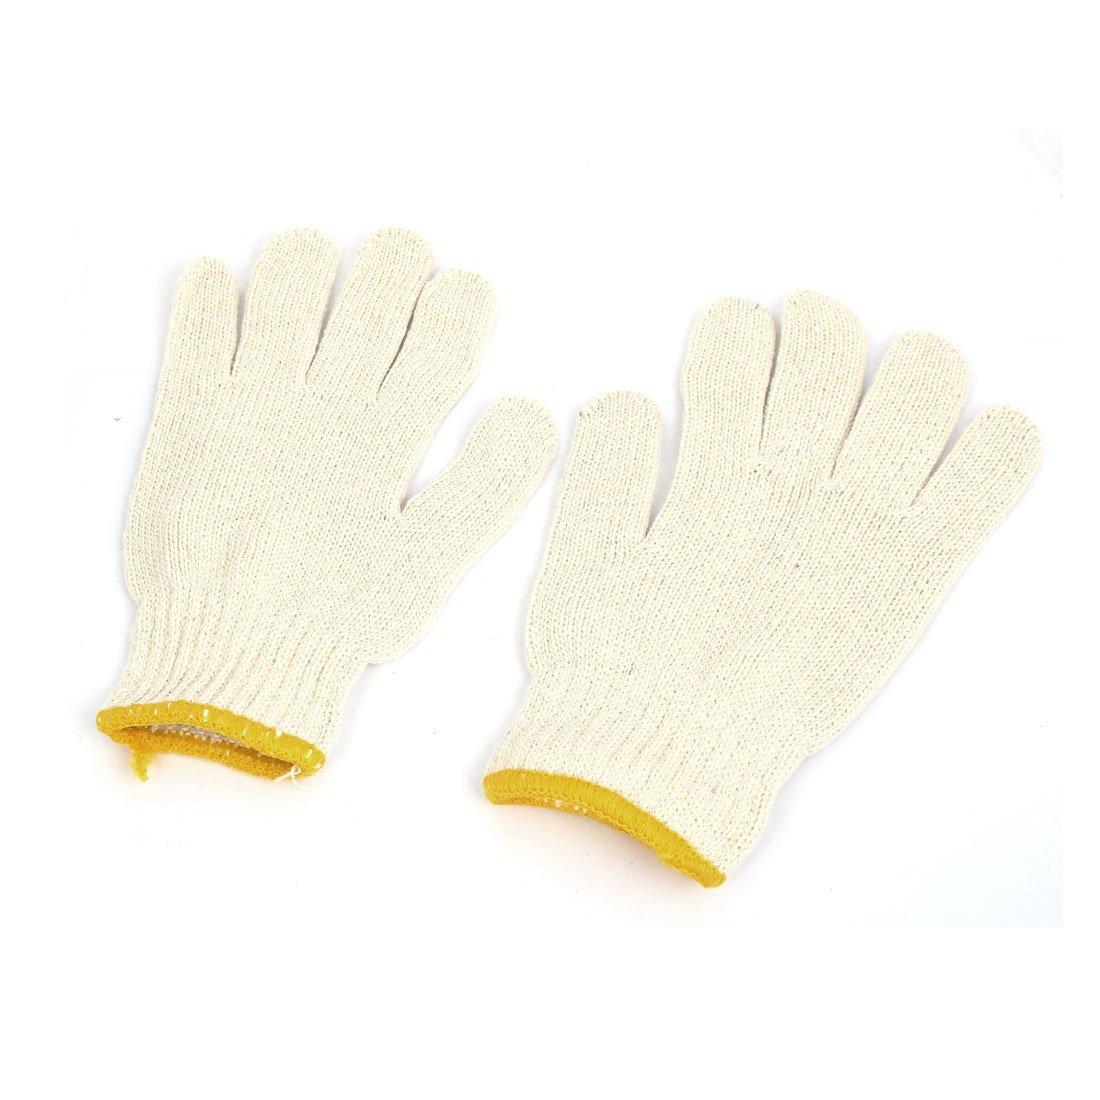 eDealMax 12 paires de Protection ESD antistatique Gants Coton fil de Travail